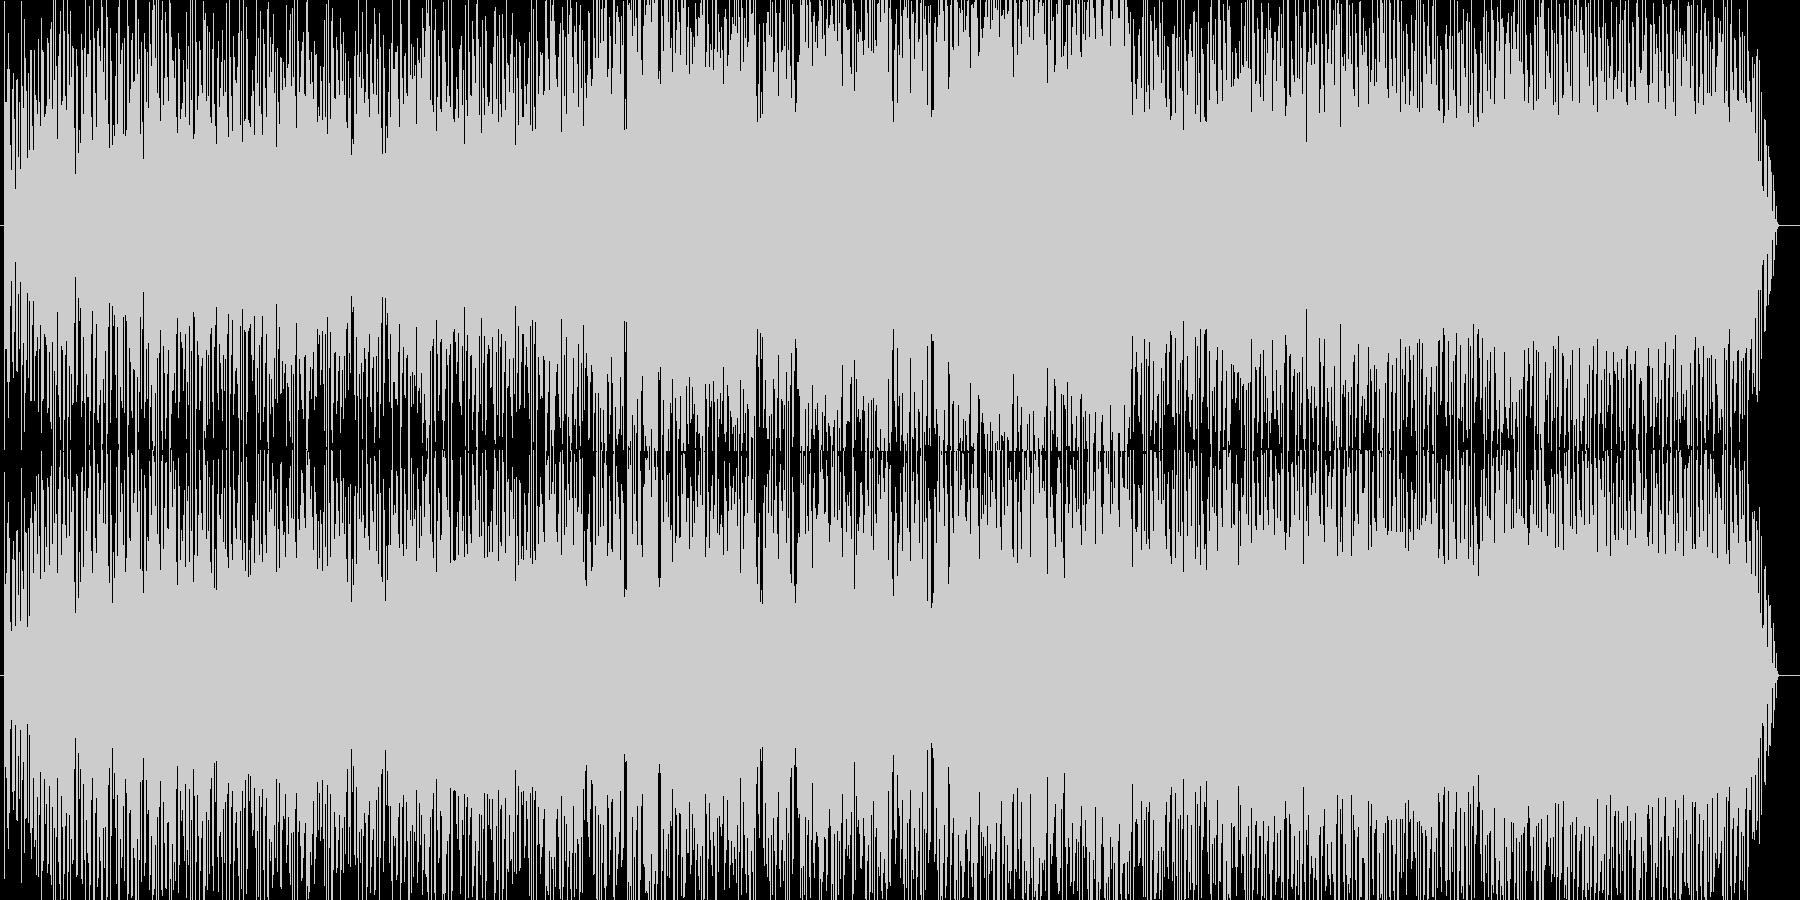 曲ができた時点で、サーフィングのイメ…の未再生の波形